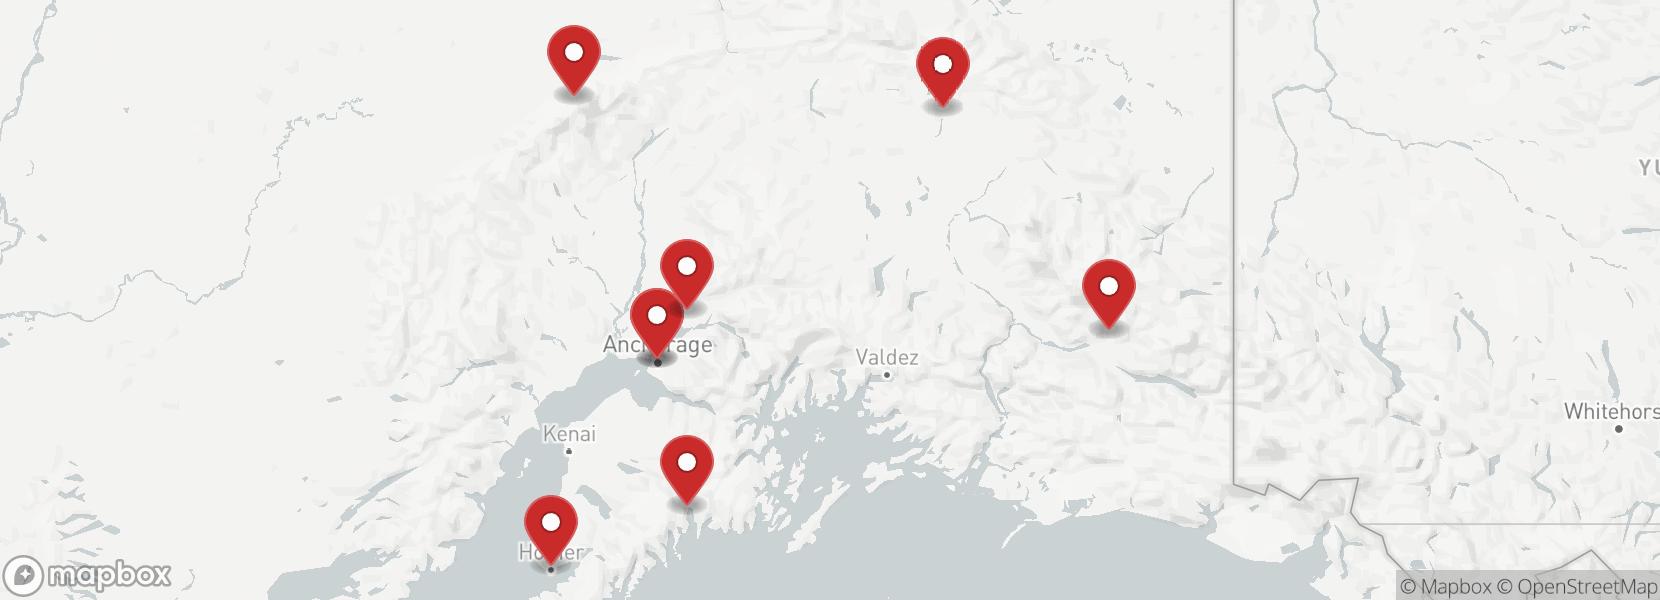 Itinerario Viaggio in moto Trail Alaska L'ultima frontiera